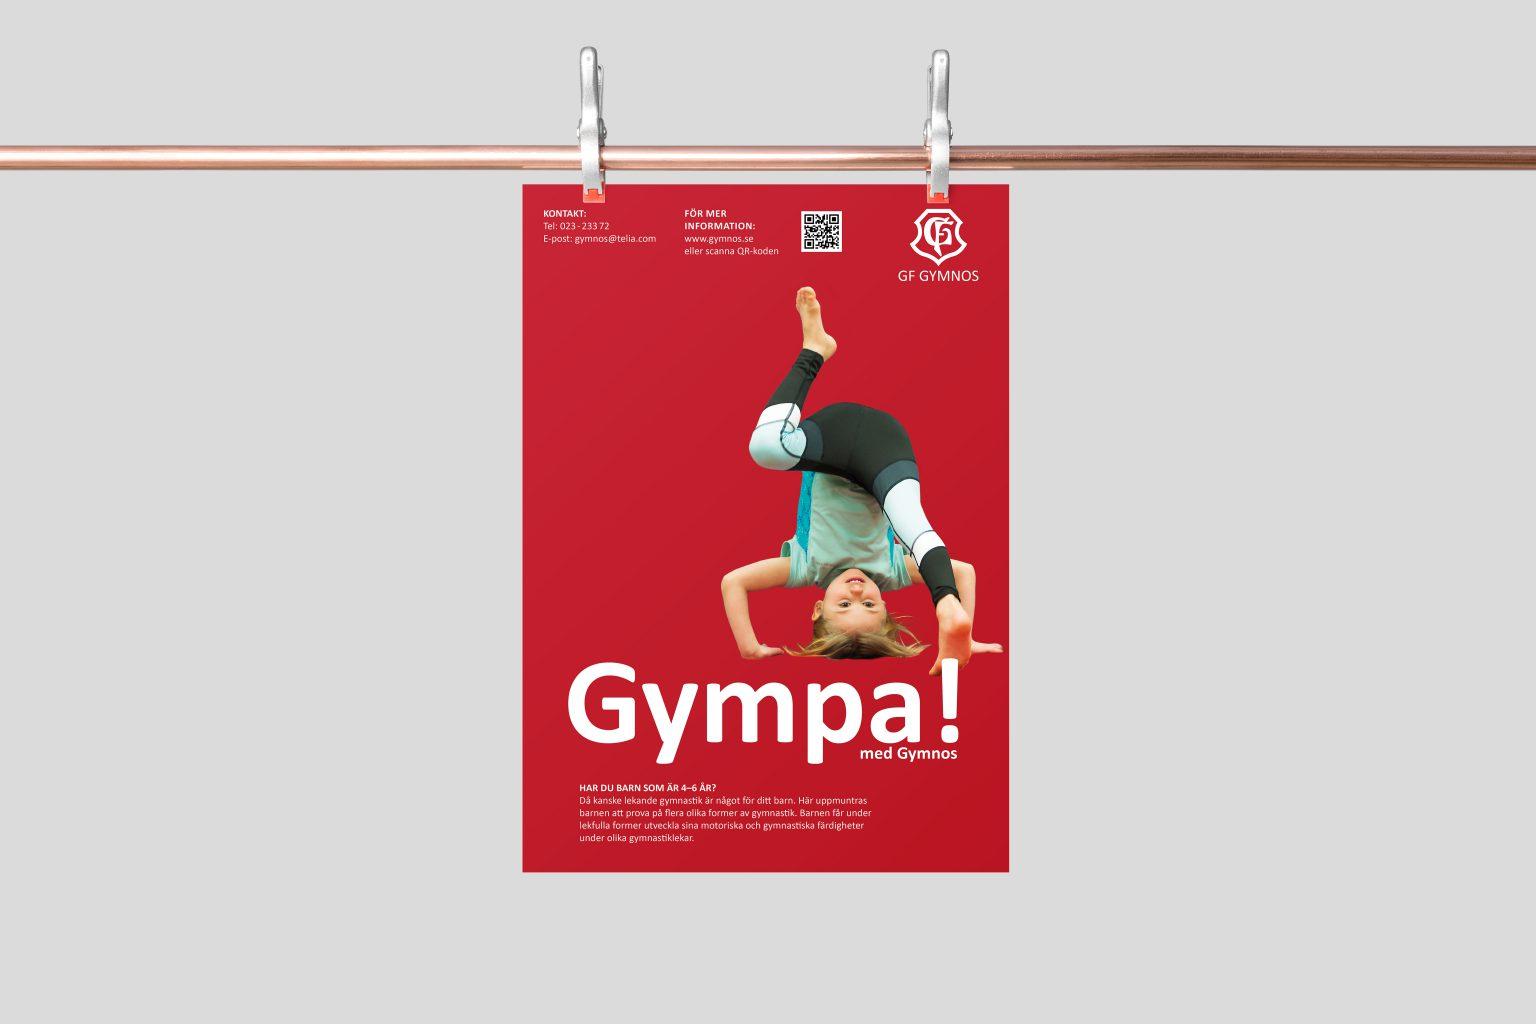 GF Gynmos affisch